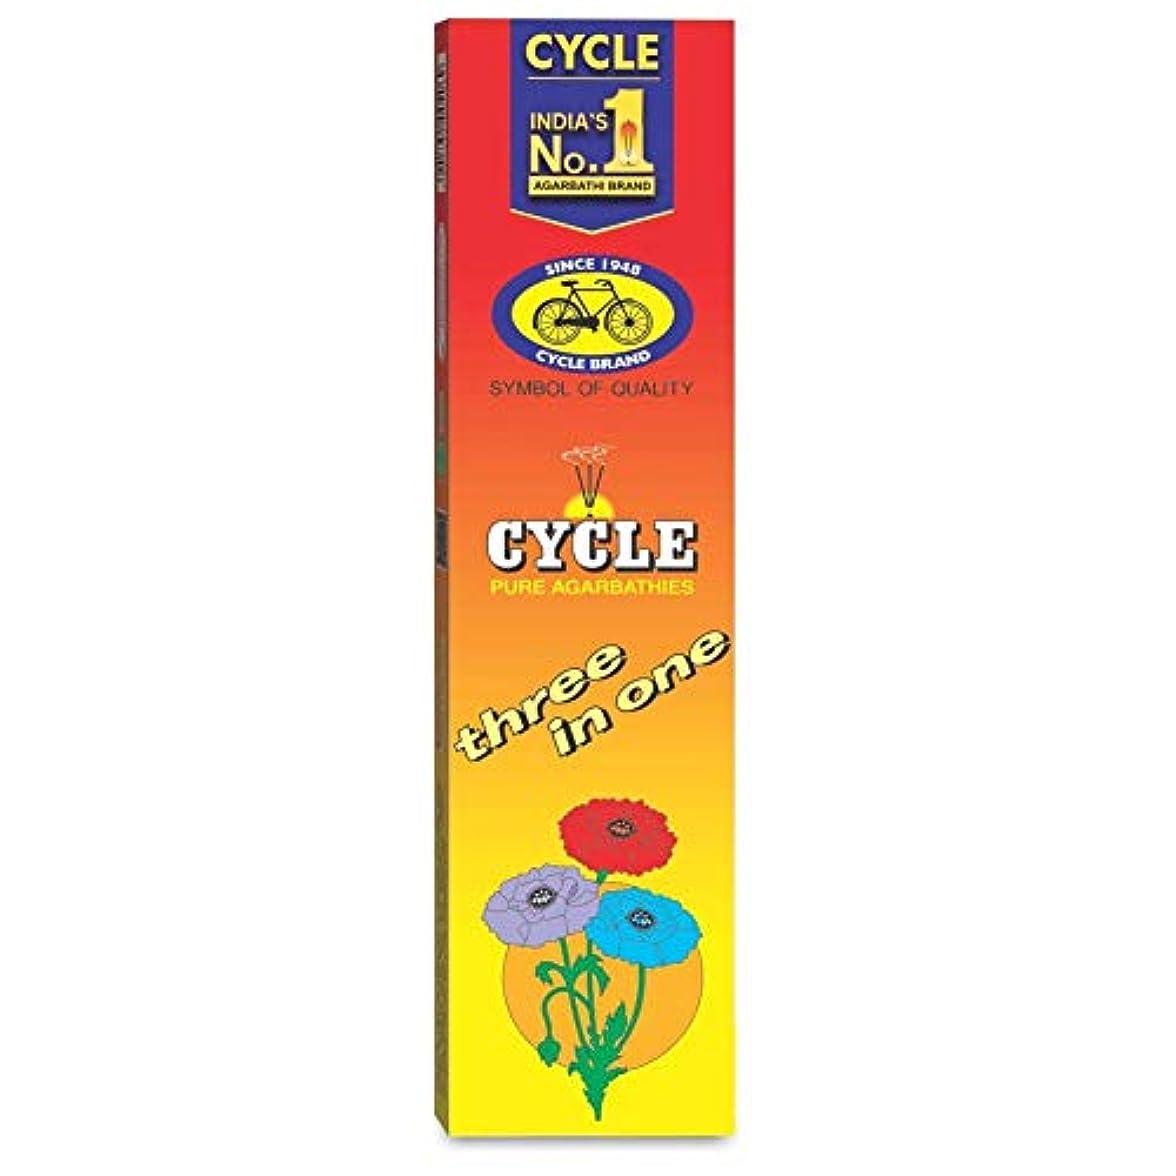 明確なただタワーCycle Pure Agarbathies Three In One Classic Fragrance Incense Sticks - 240 Grams Free Soap Offer